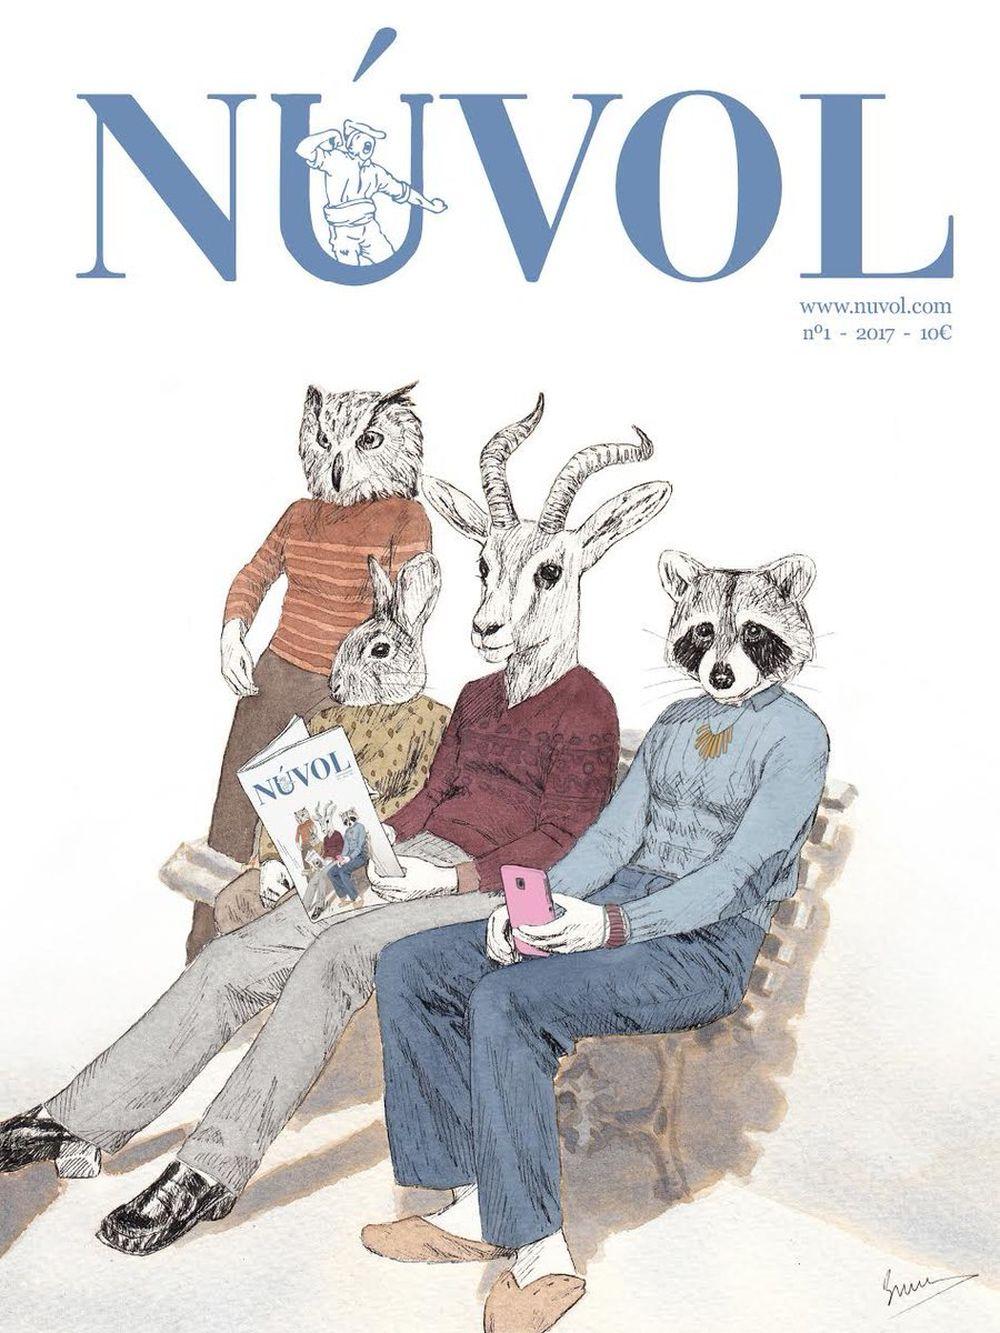 revista-Nuvol-desembarca-al-paper_1816028620_42358370_1000x1333.jpg